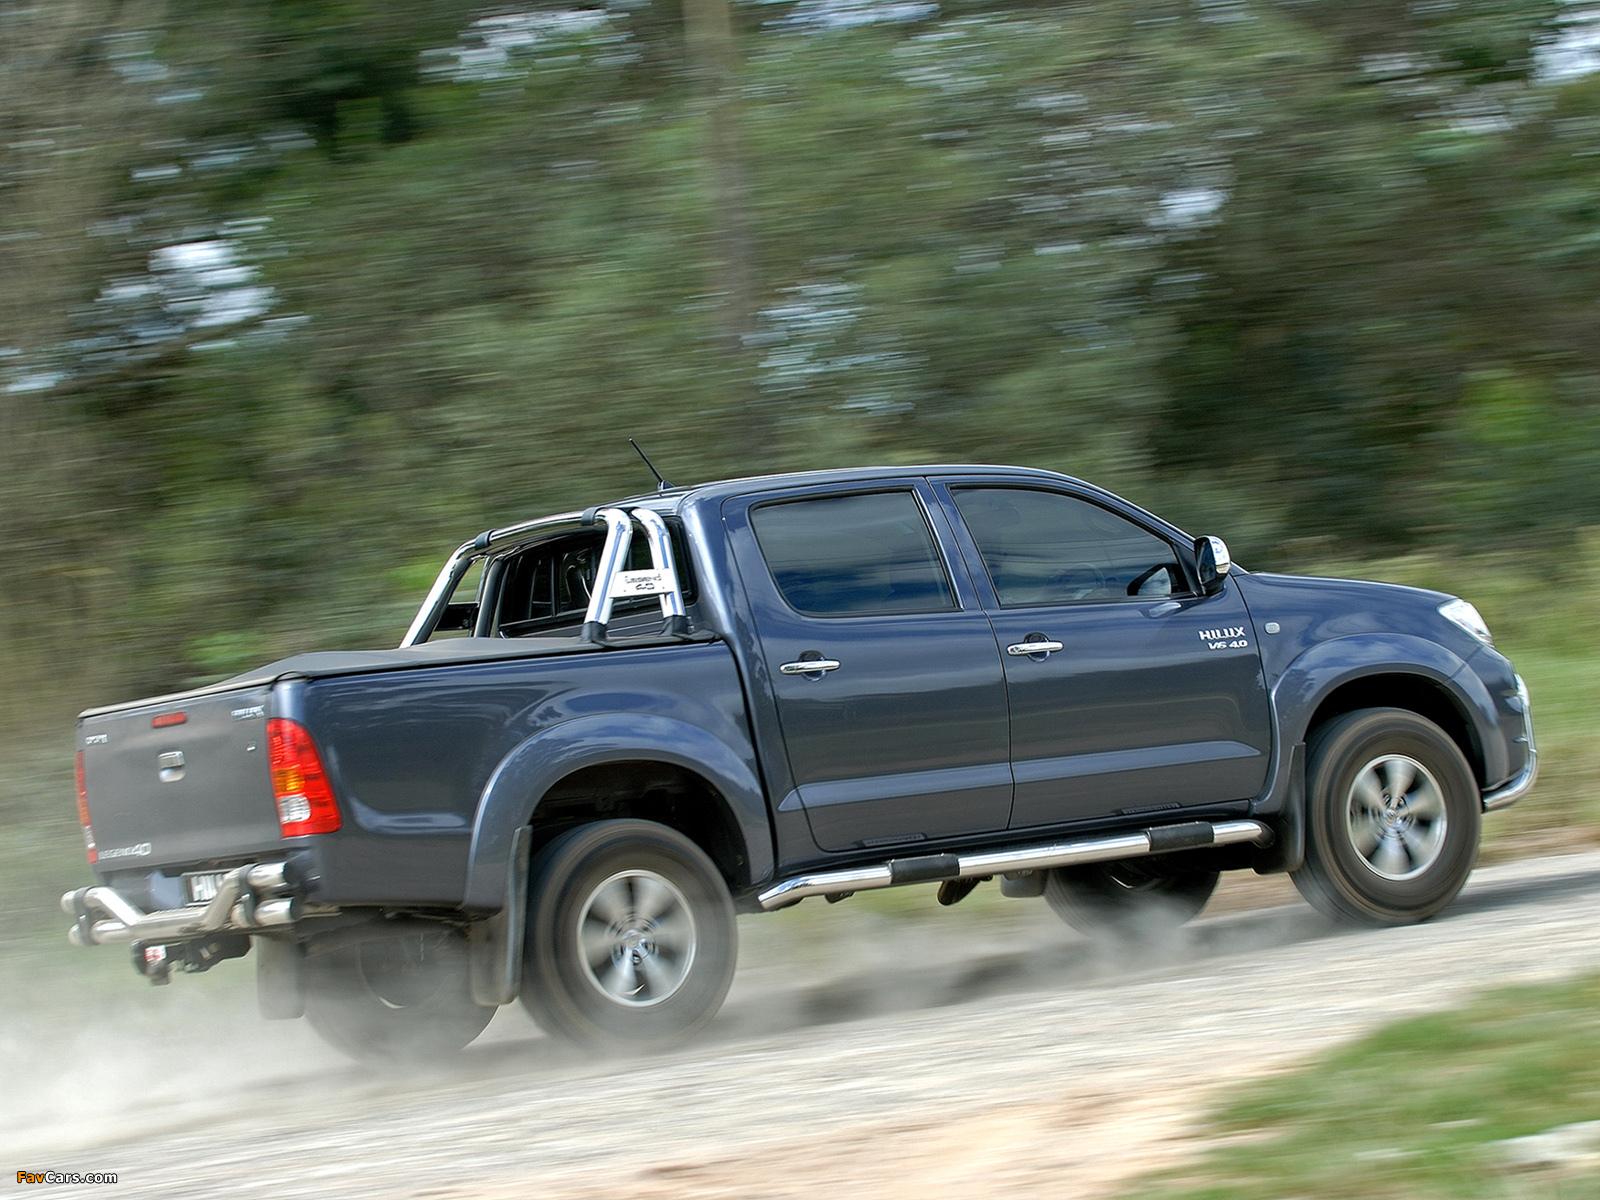 Toyota Hilux Legend 40 Double Cab 2010 Images 1600x1200